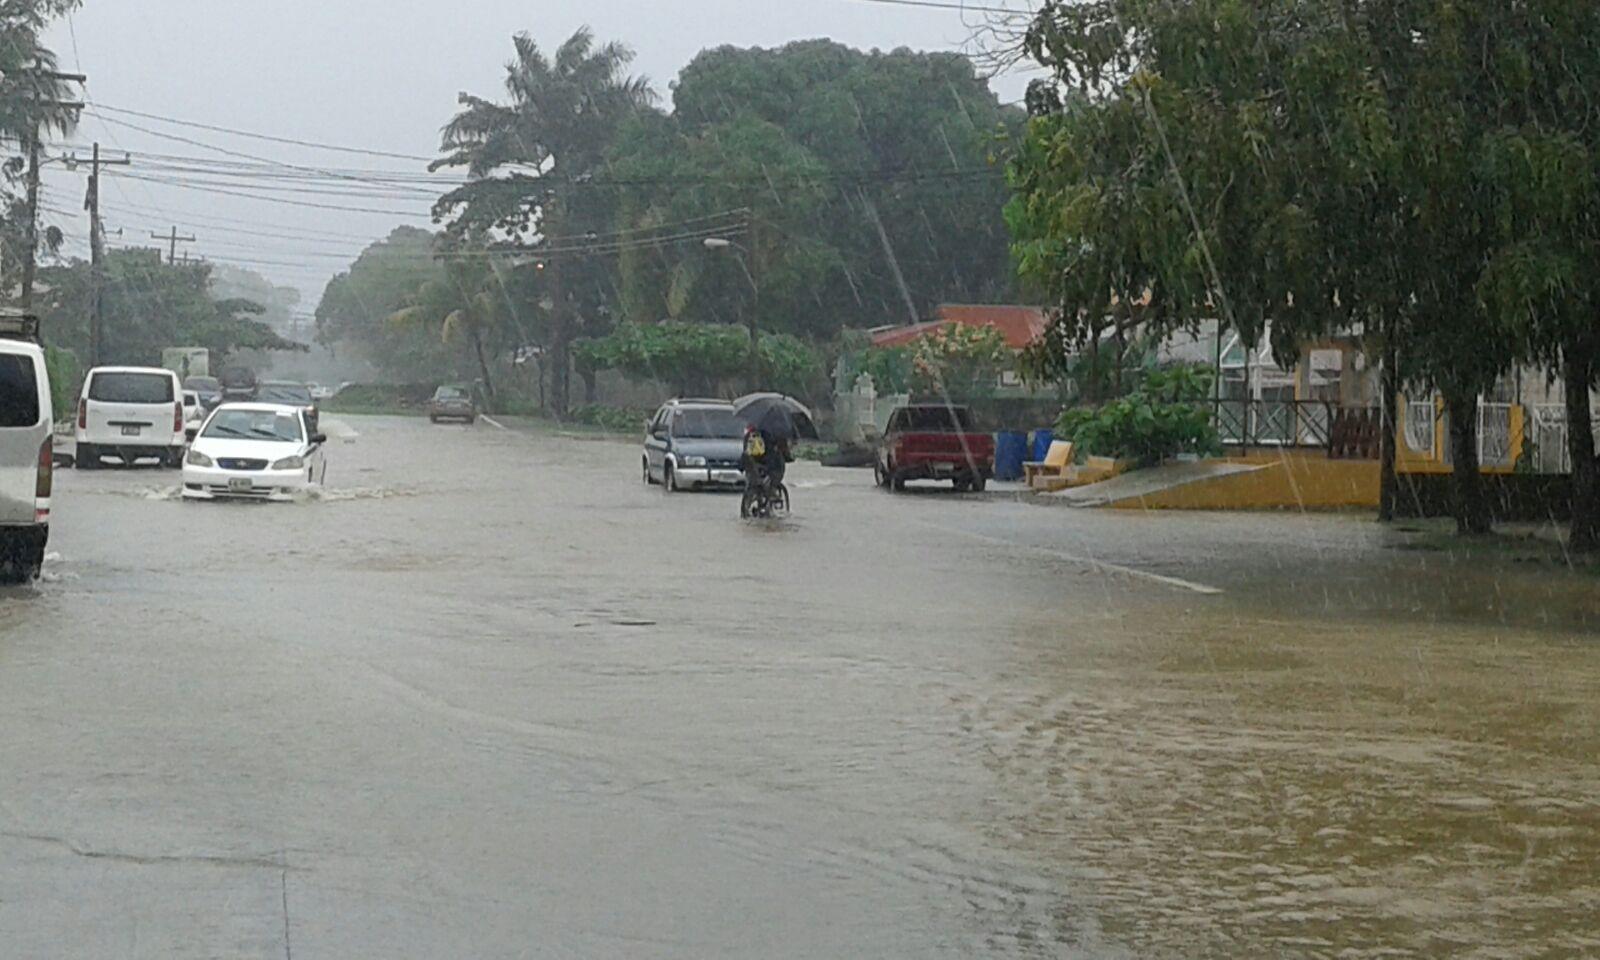 Para hoy se espera el ingreso de una onda tropical al territorio nacional